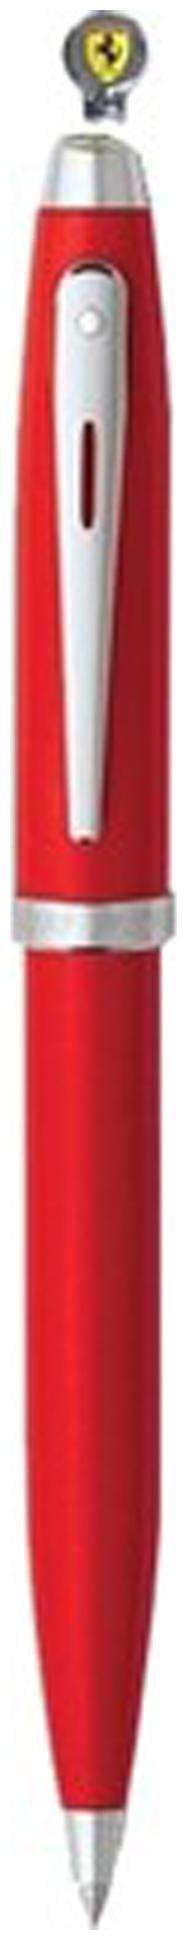 Sheaffer Ferrari 100 Ball Pen